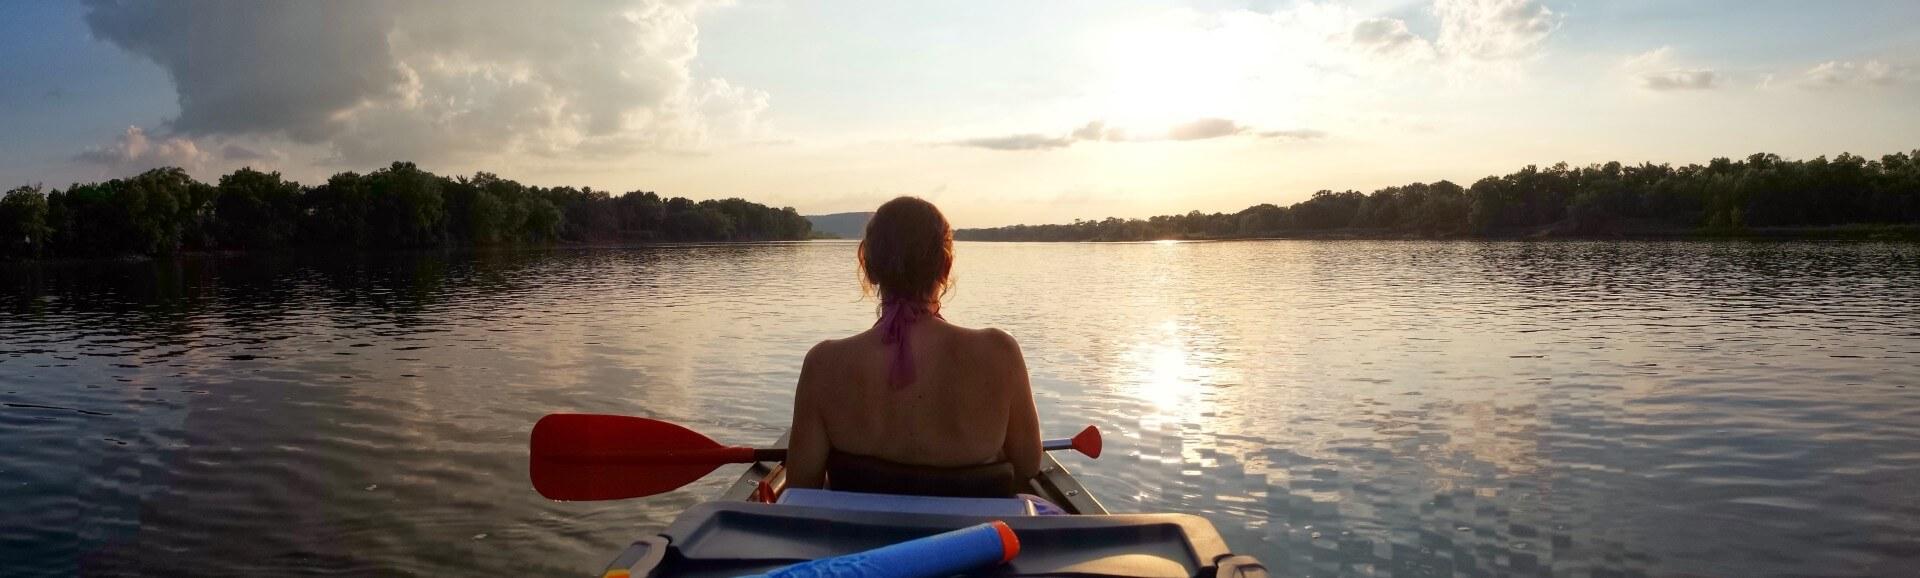 Wisconsin Canoe Company | Canoe the Wisconsin!